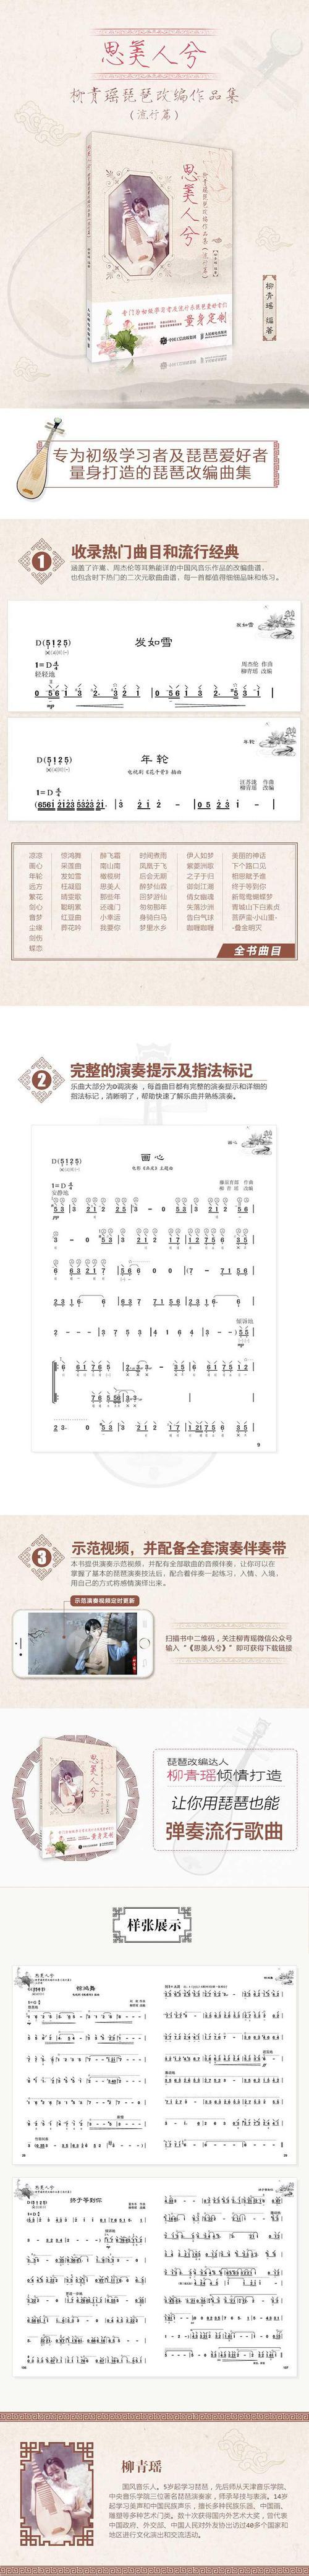 蝶恋-伊人(MP3歌词/LRC歌词) lrc歌词下载 第2张